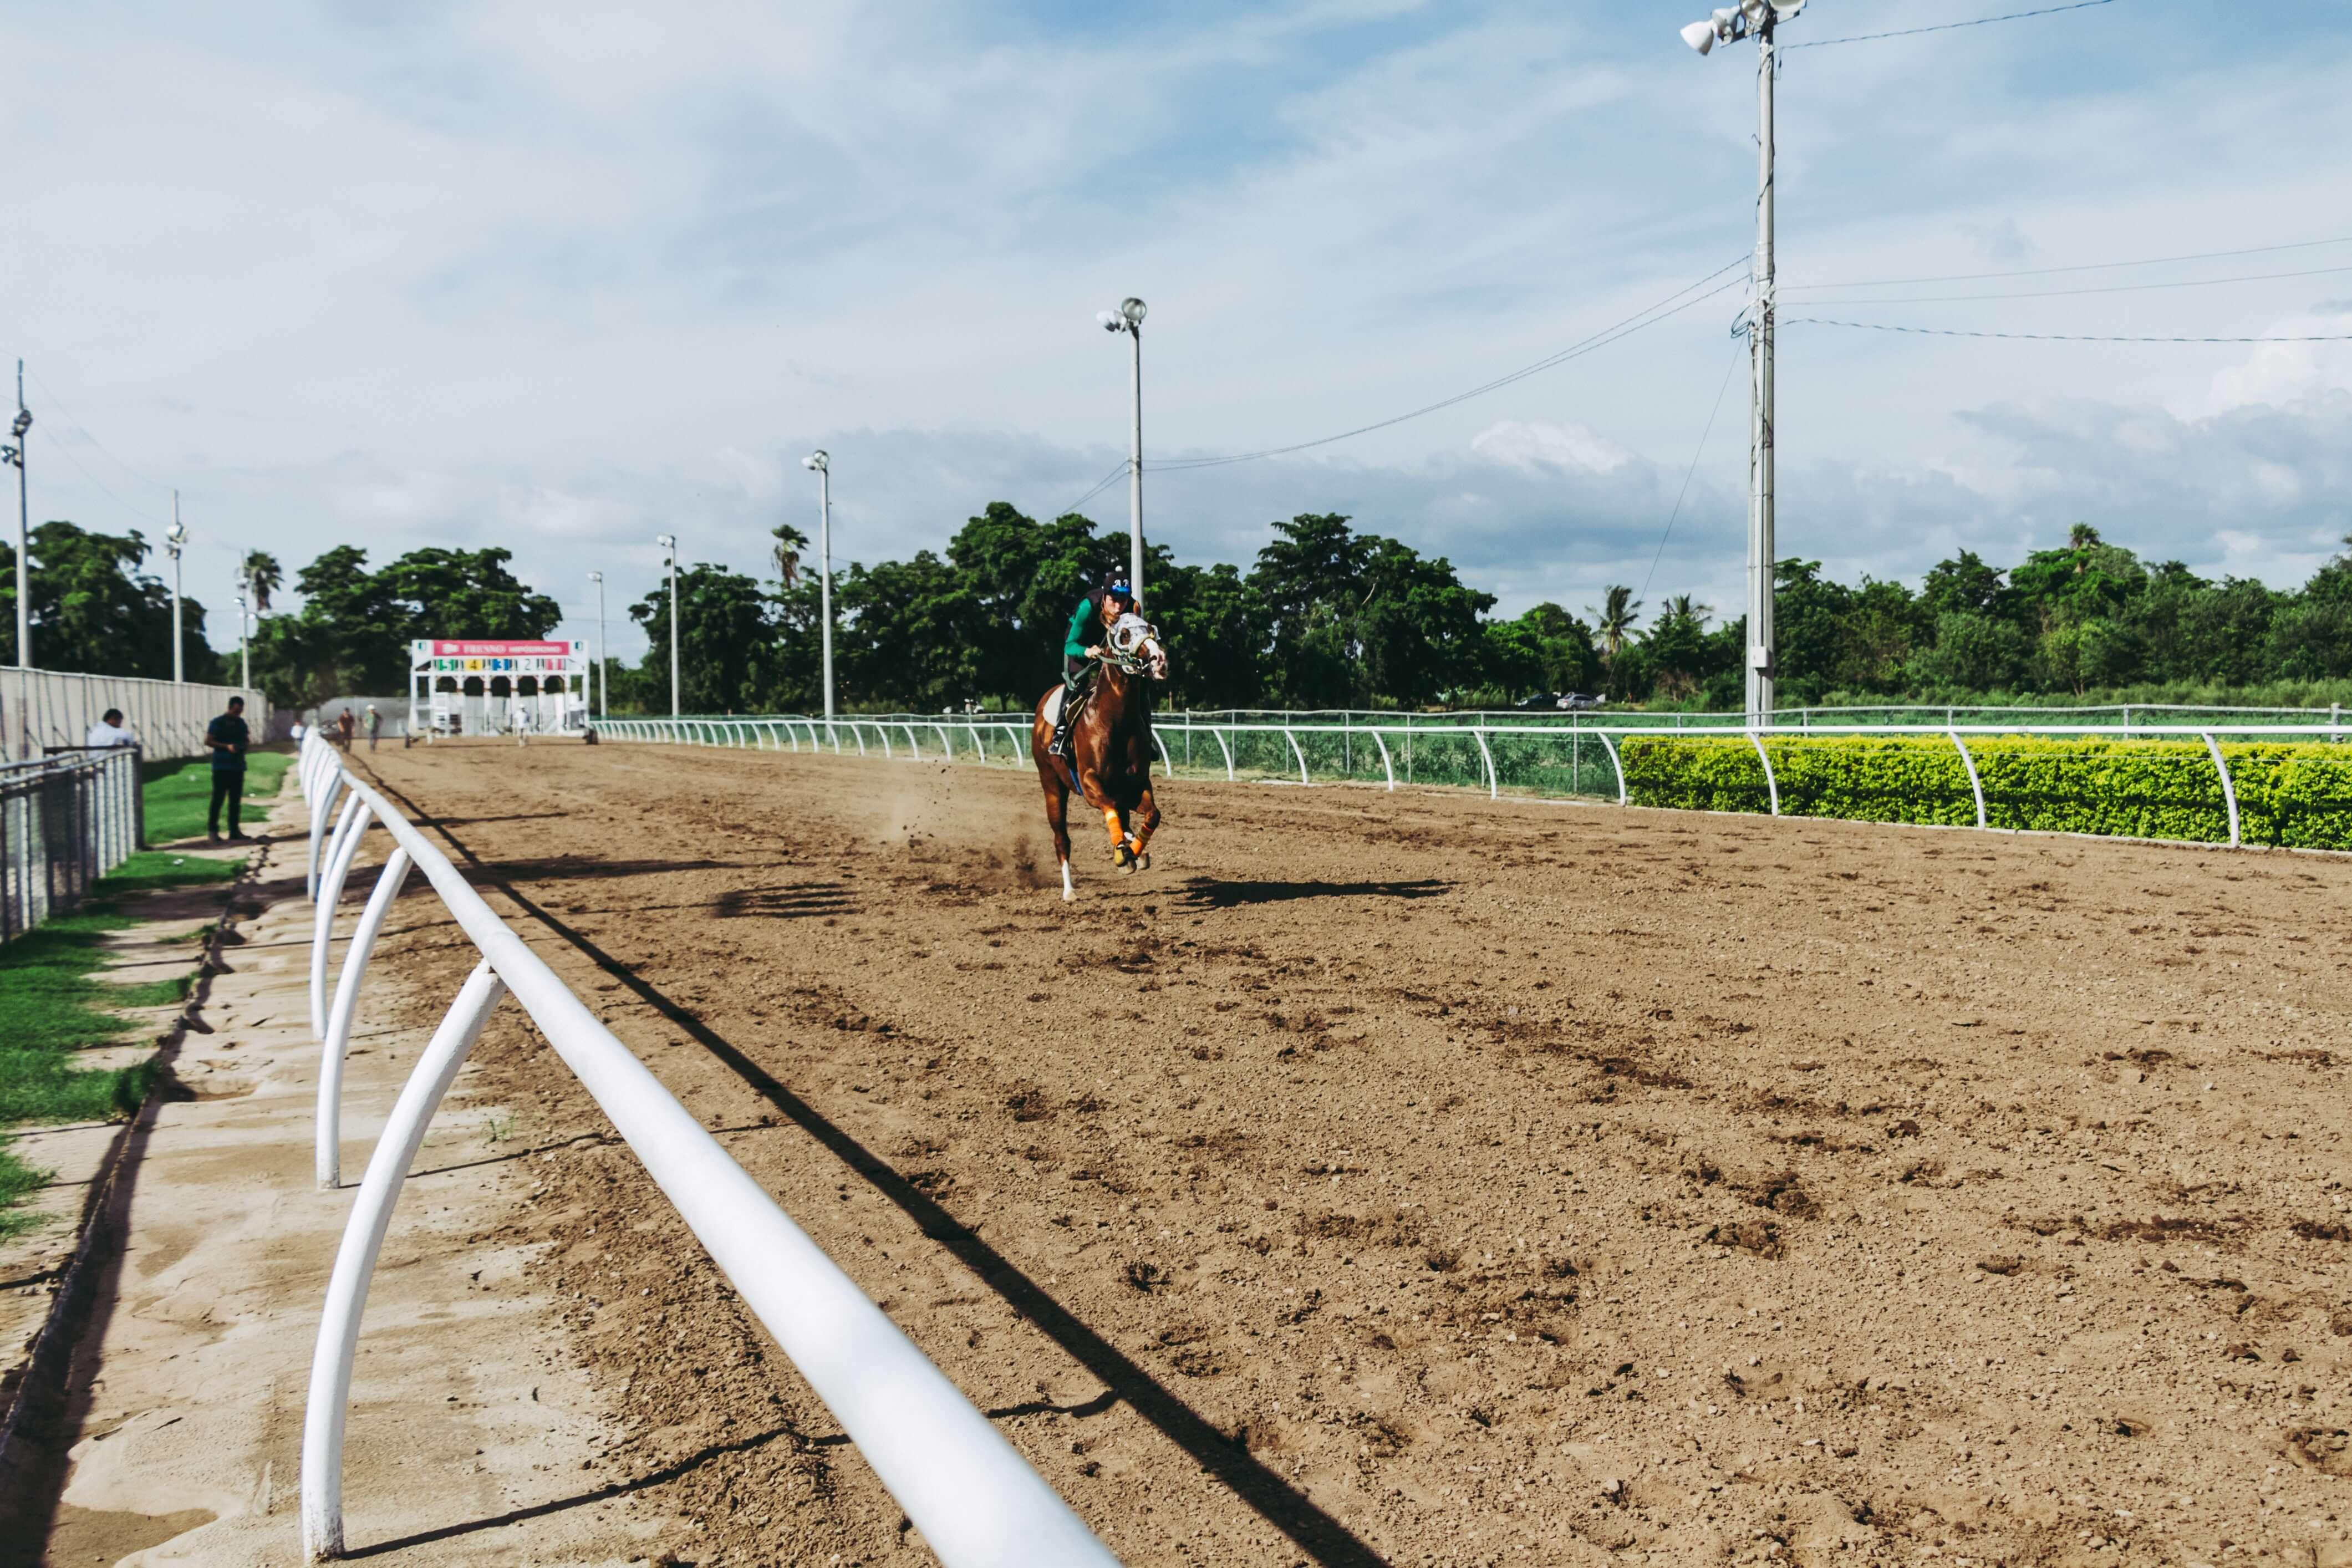 Introduktion til betting på hestevæddeløb